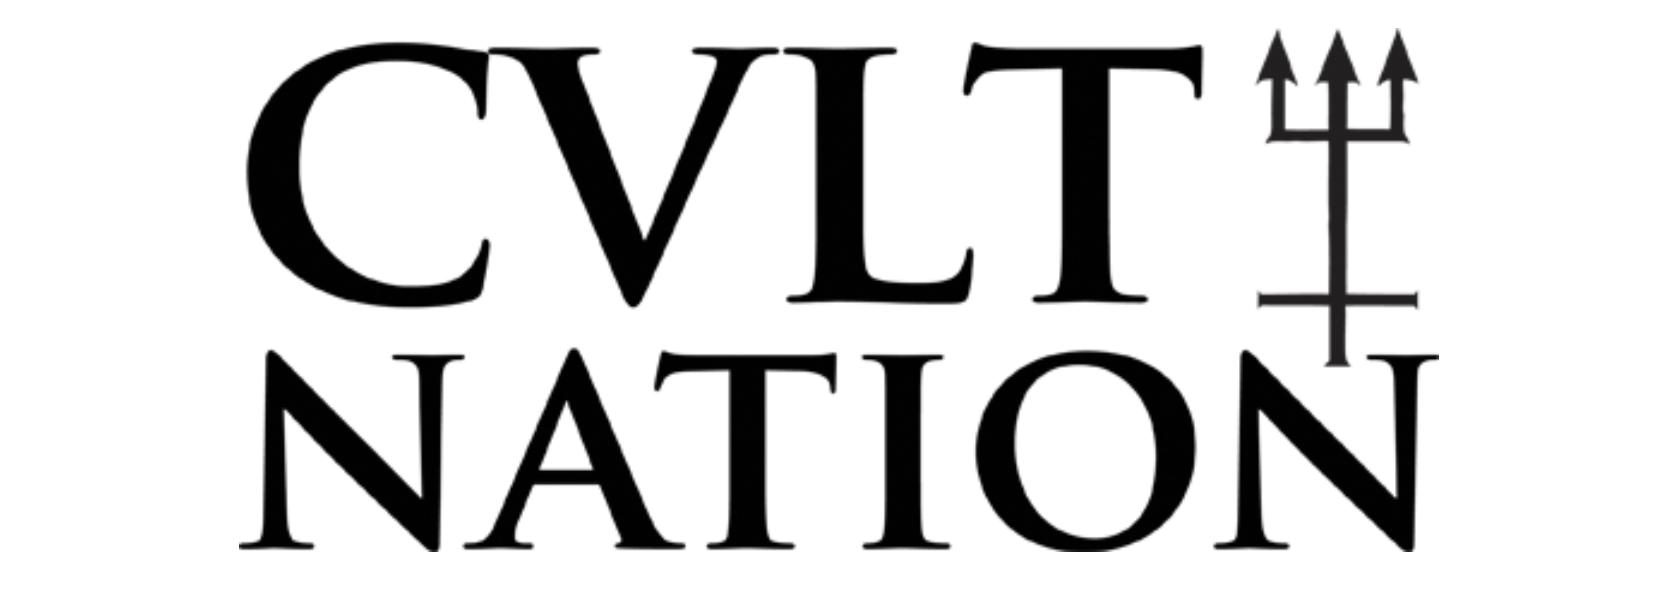 CVLT NATION LOGO.png